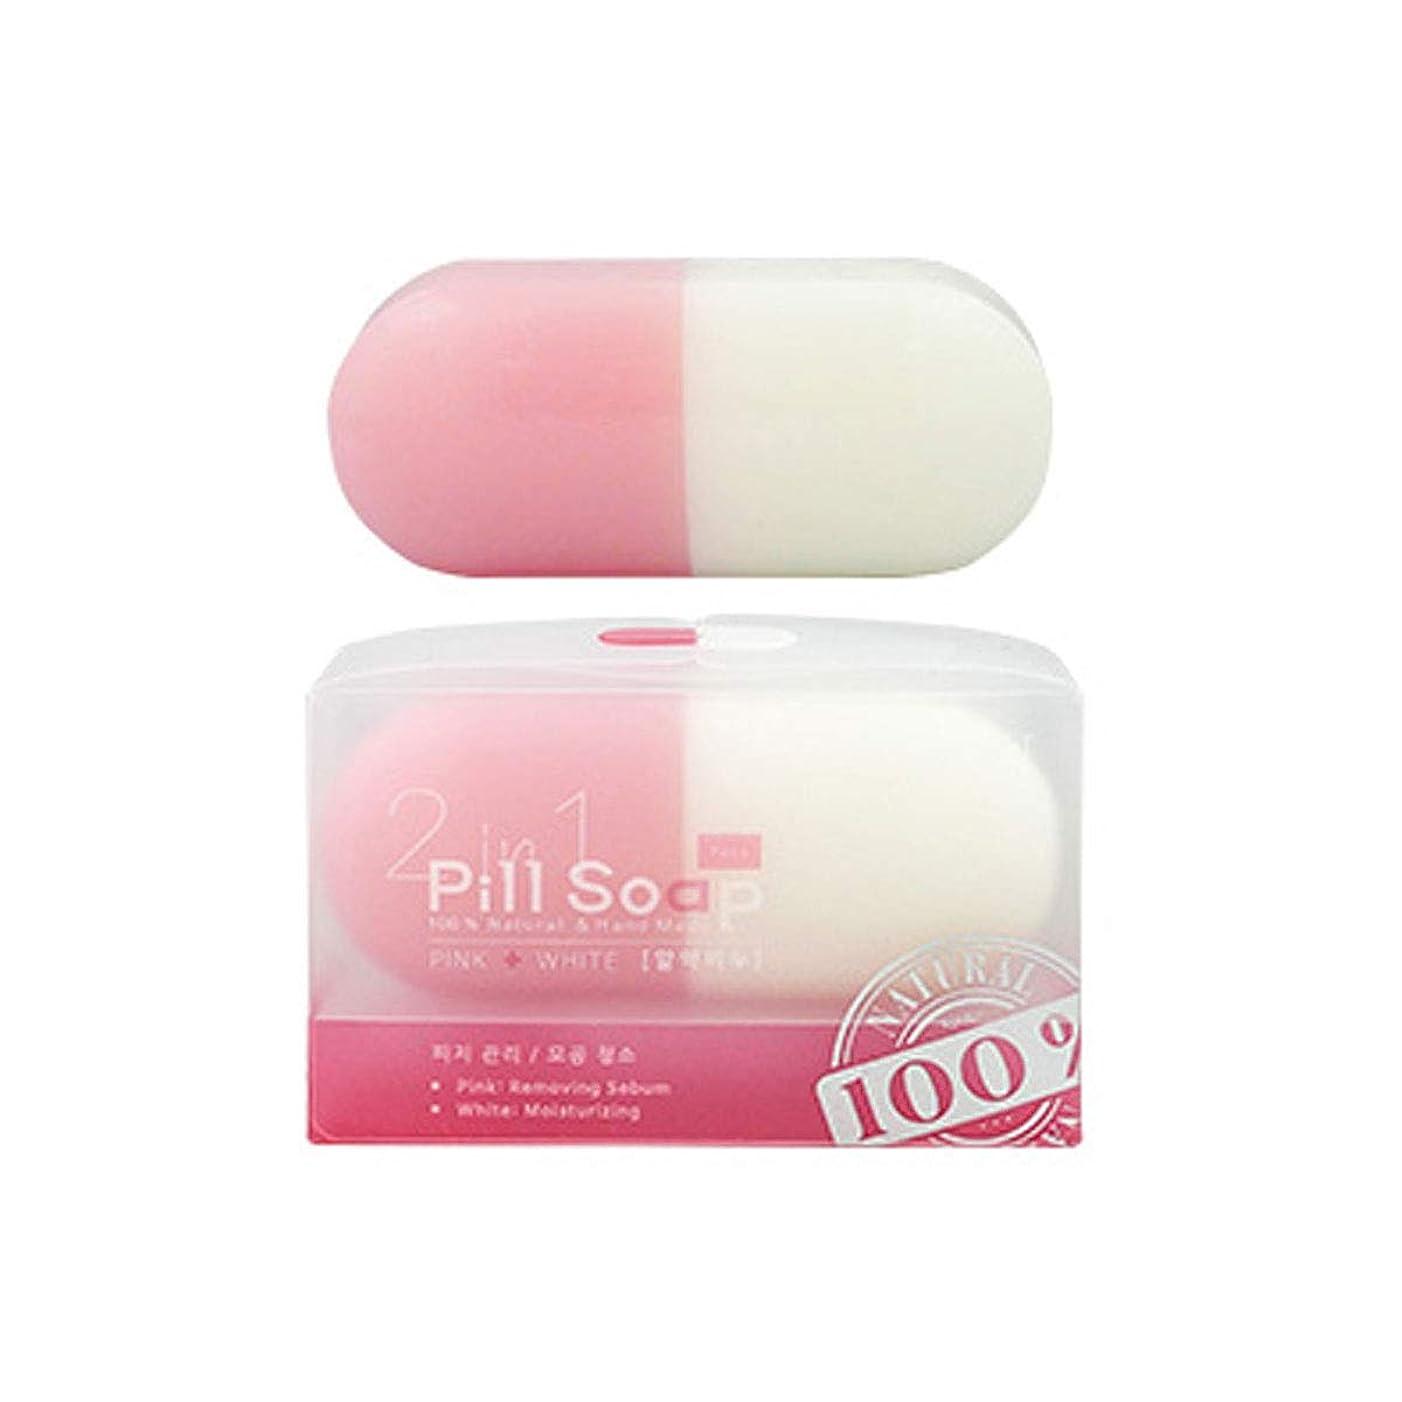 ベッドひらめき安らぎMINI RABBIT ミニラビット カプセルソープ 100g 韓国コスメ 皮脂 角質 美白 石けん ピンク